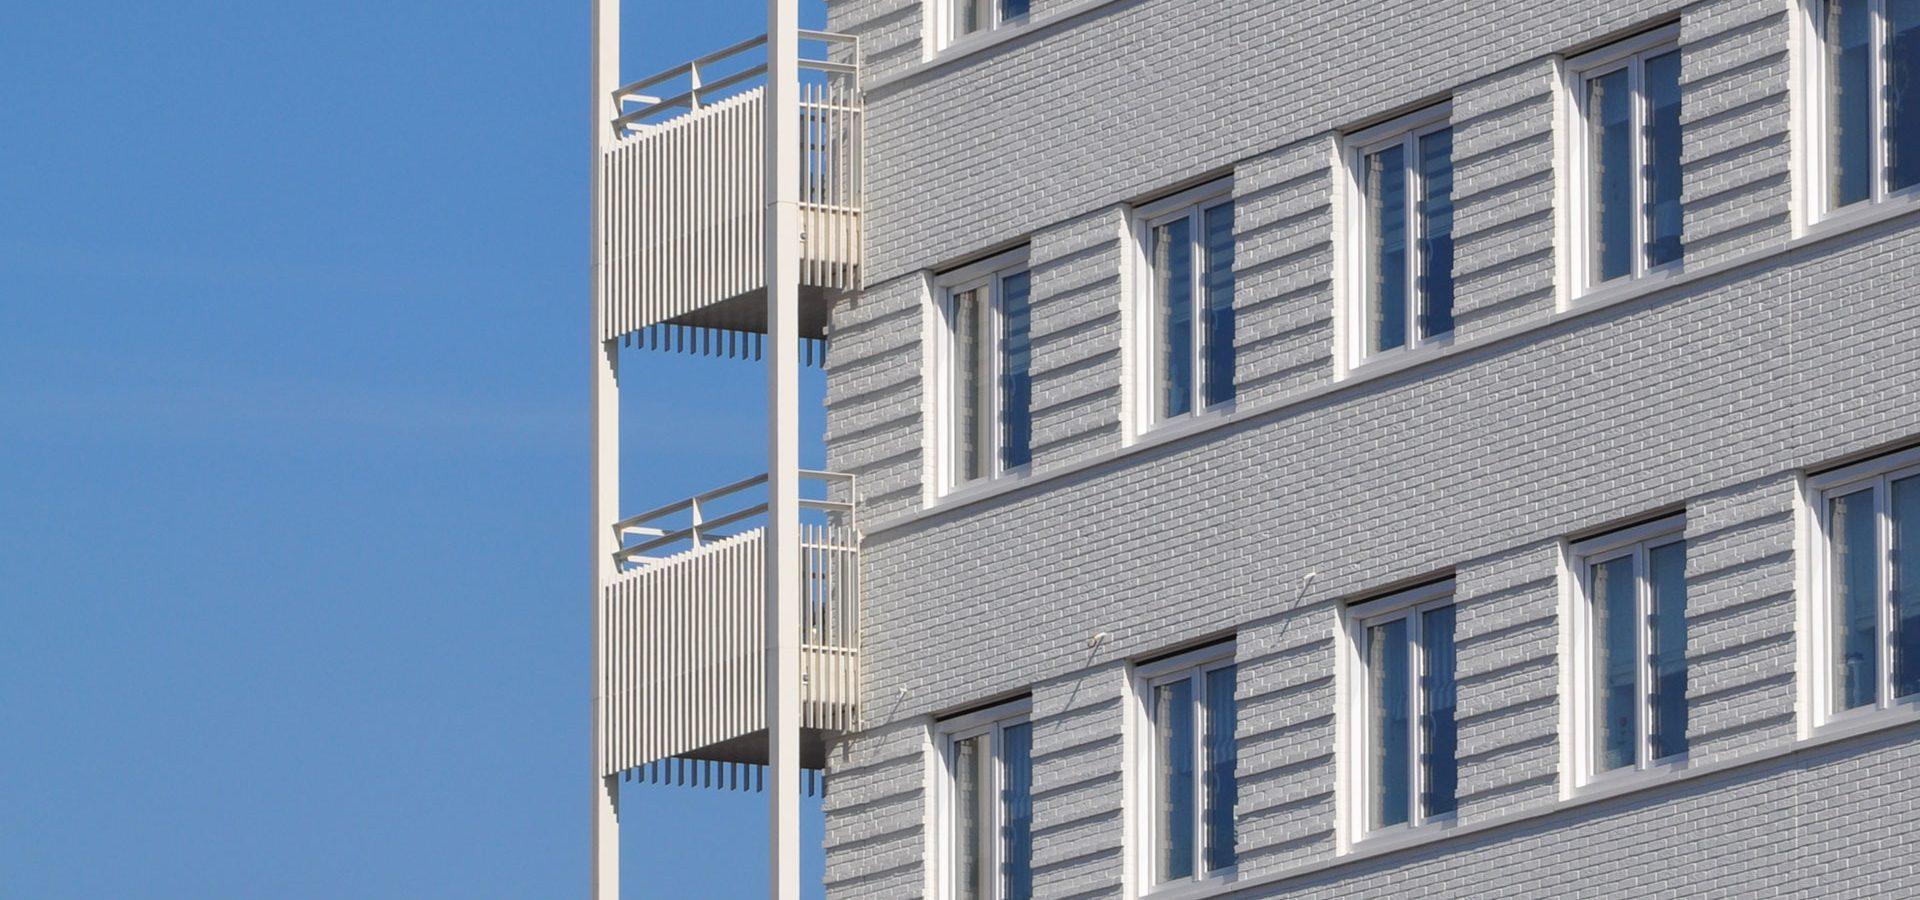 FARO architecten Binnenhaven blok 4 en 5 IJmuiden 08